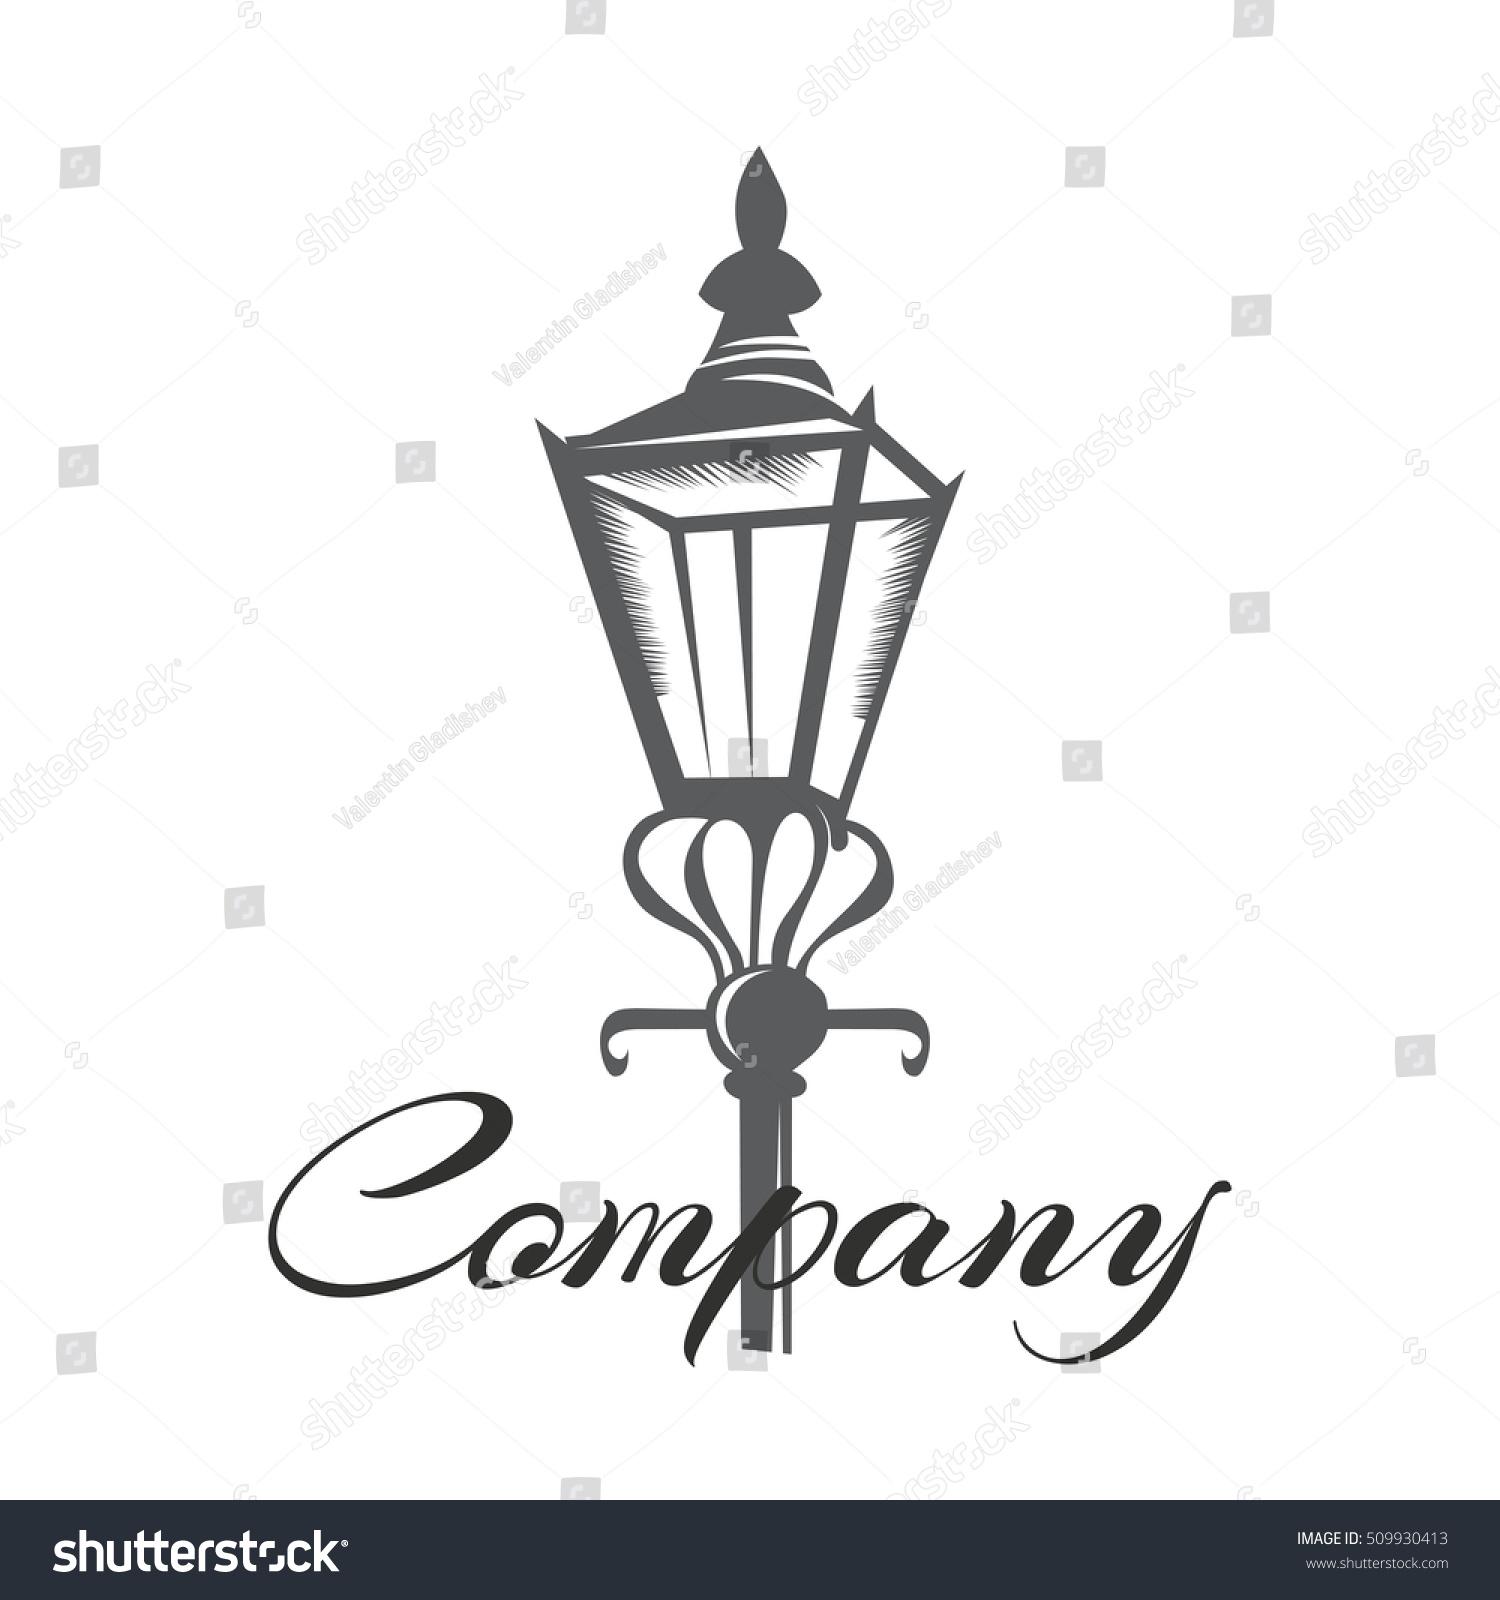 Old Street Lamp Logo Stock Vector 509930413 - Shutterstock for street lamp logo  568zmd